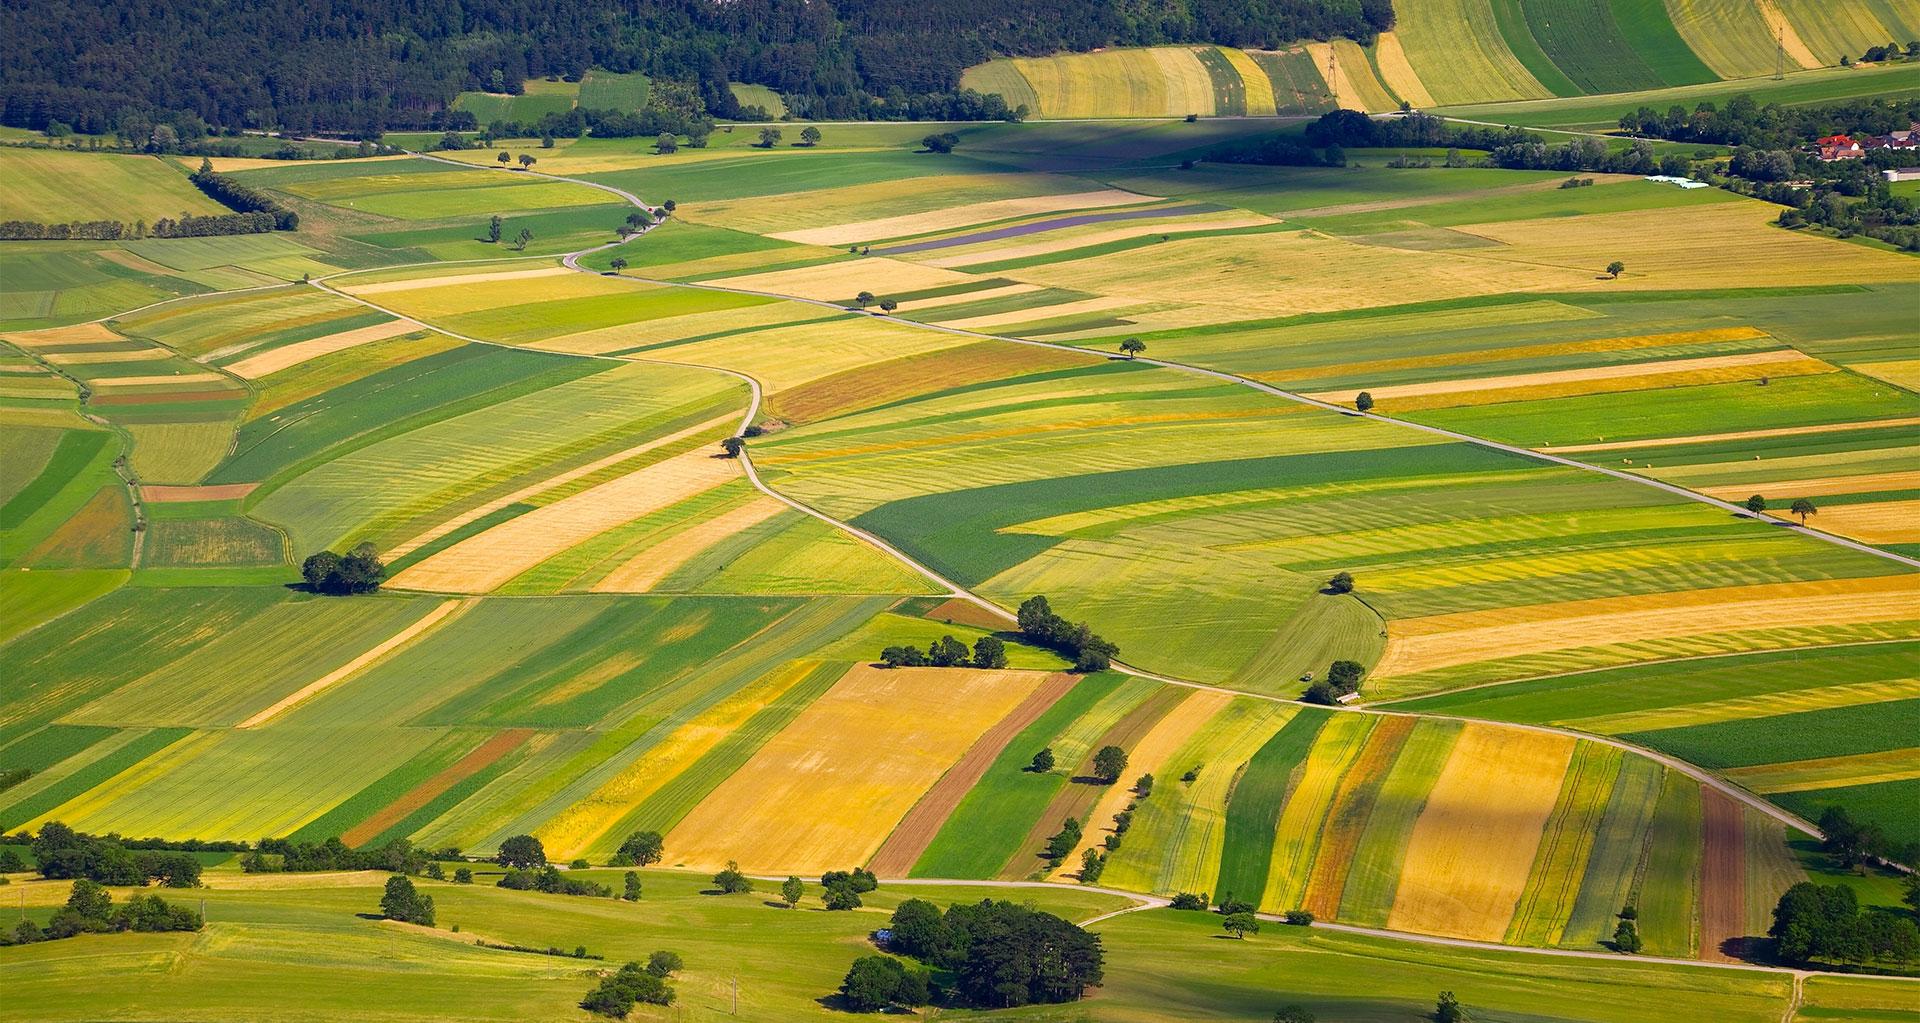 荷兰的耕地.jpg